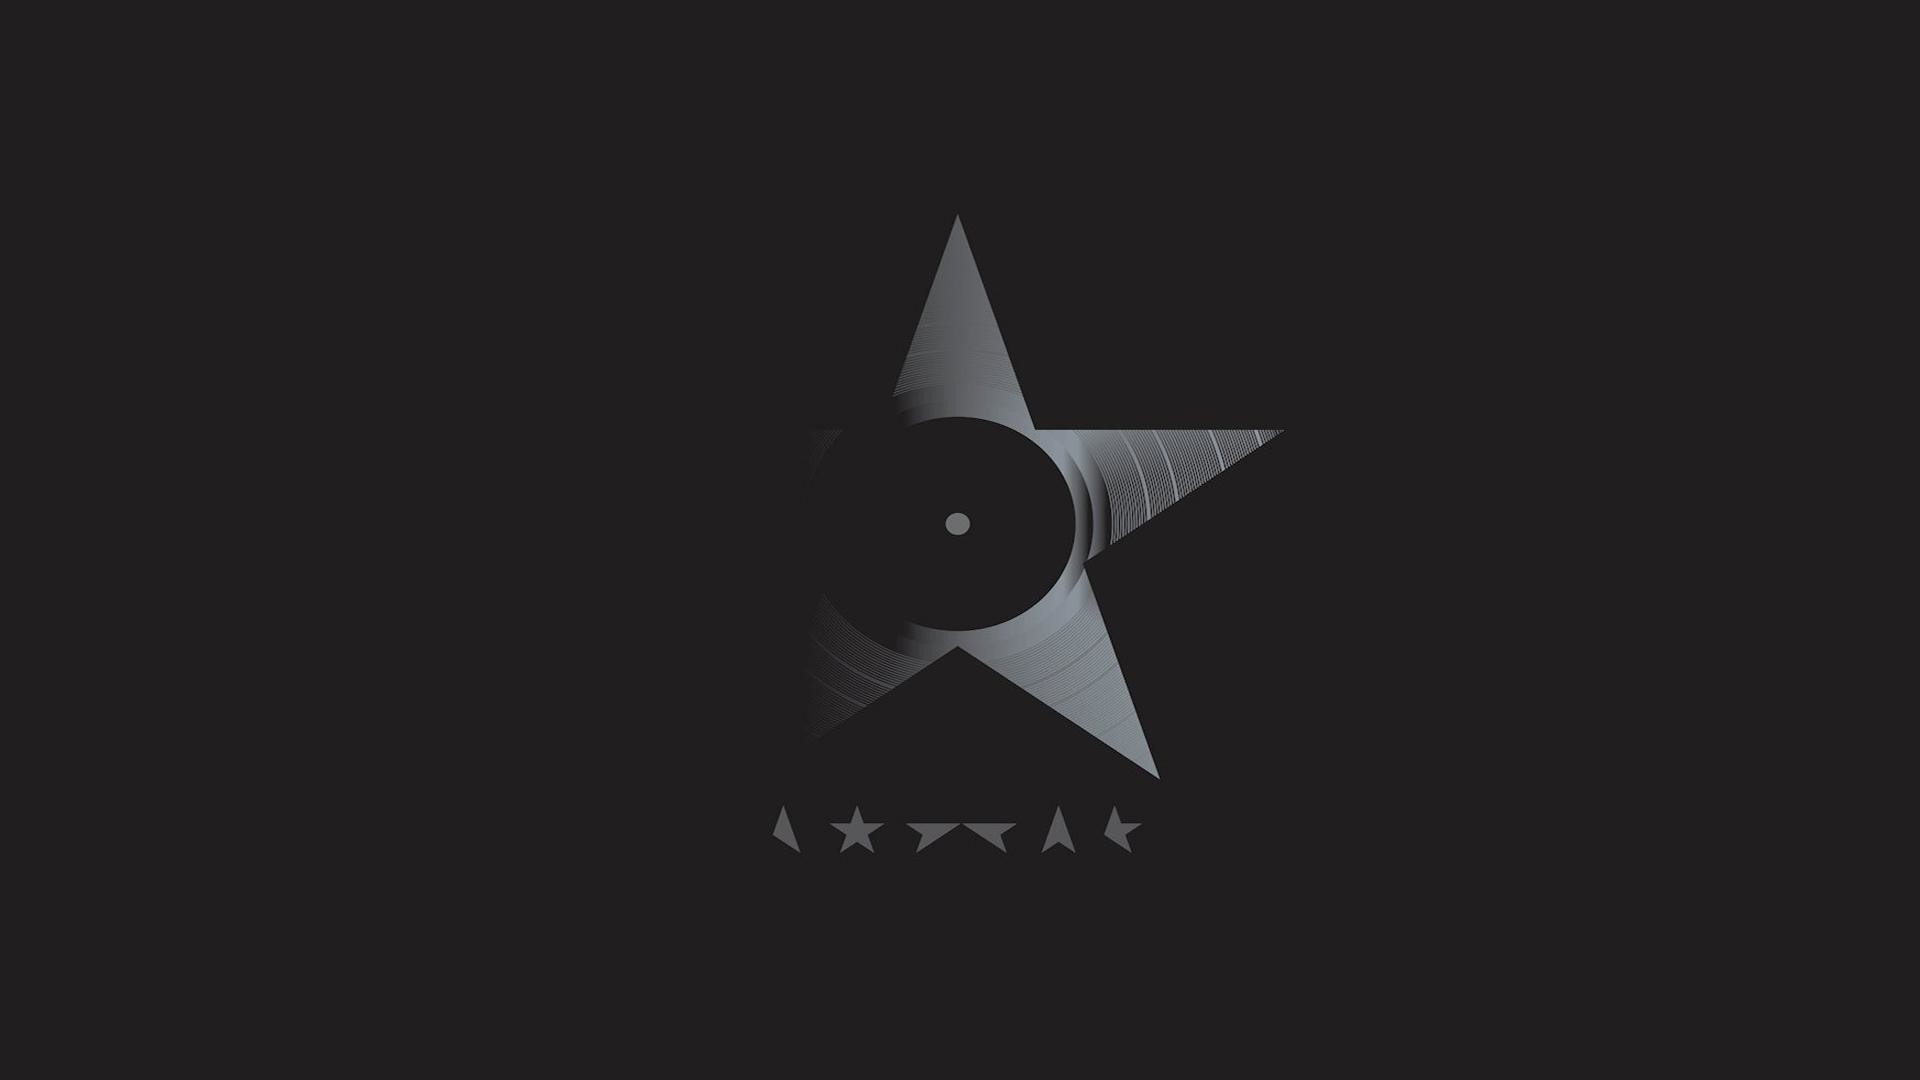 1920x1080 8 Black Star Wallpaper HD8 600x338